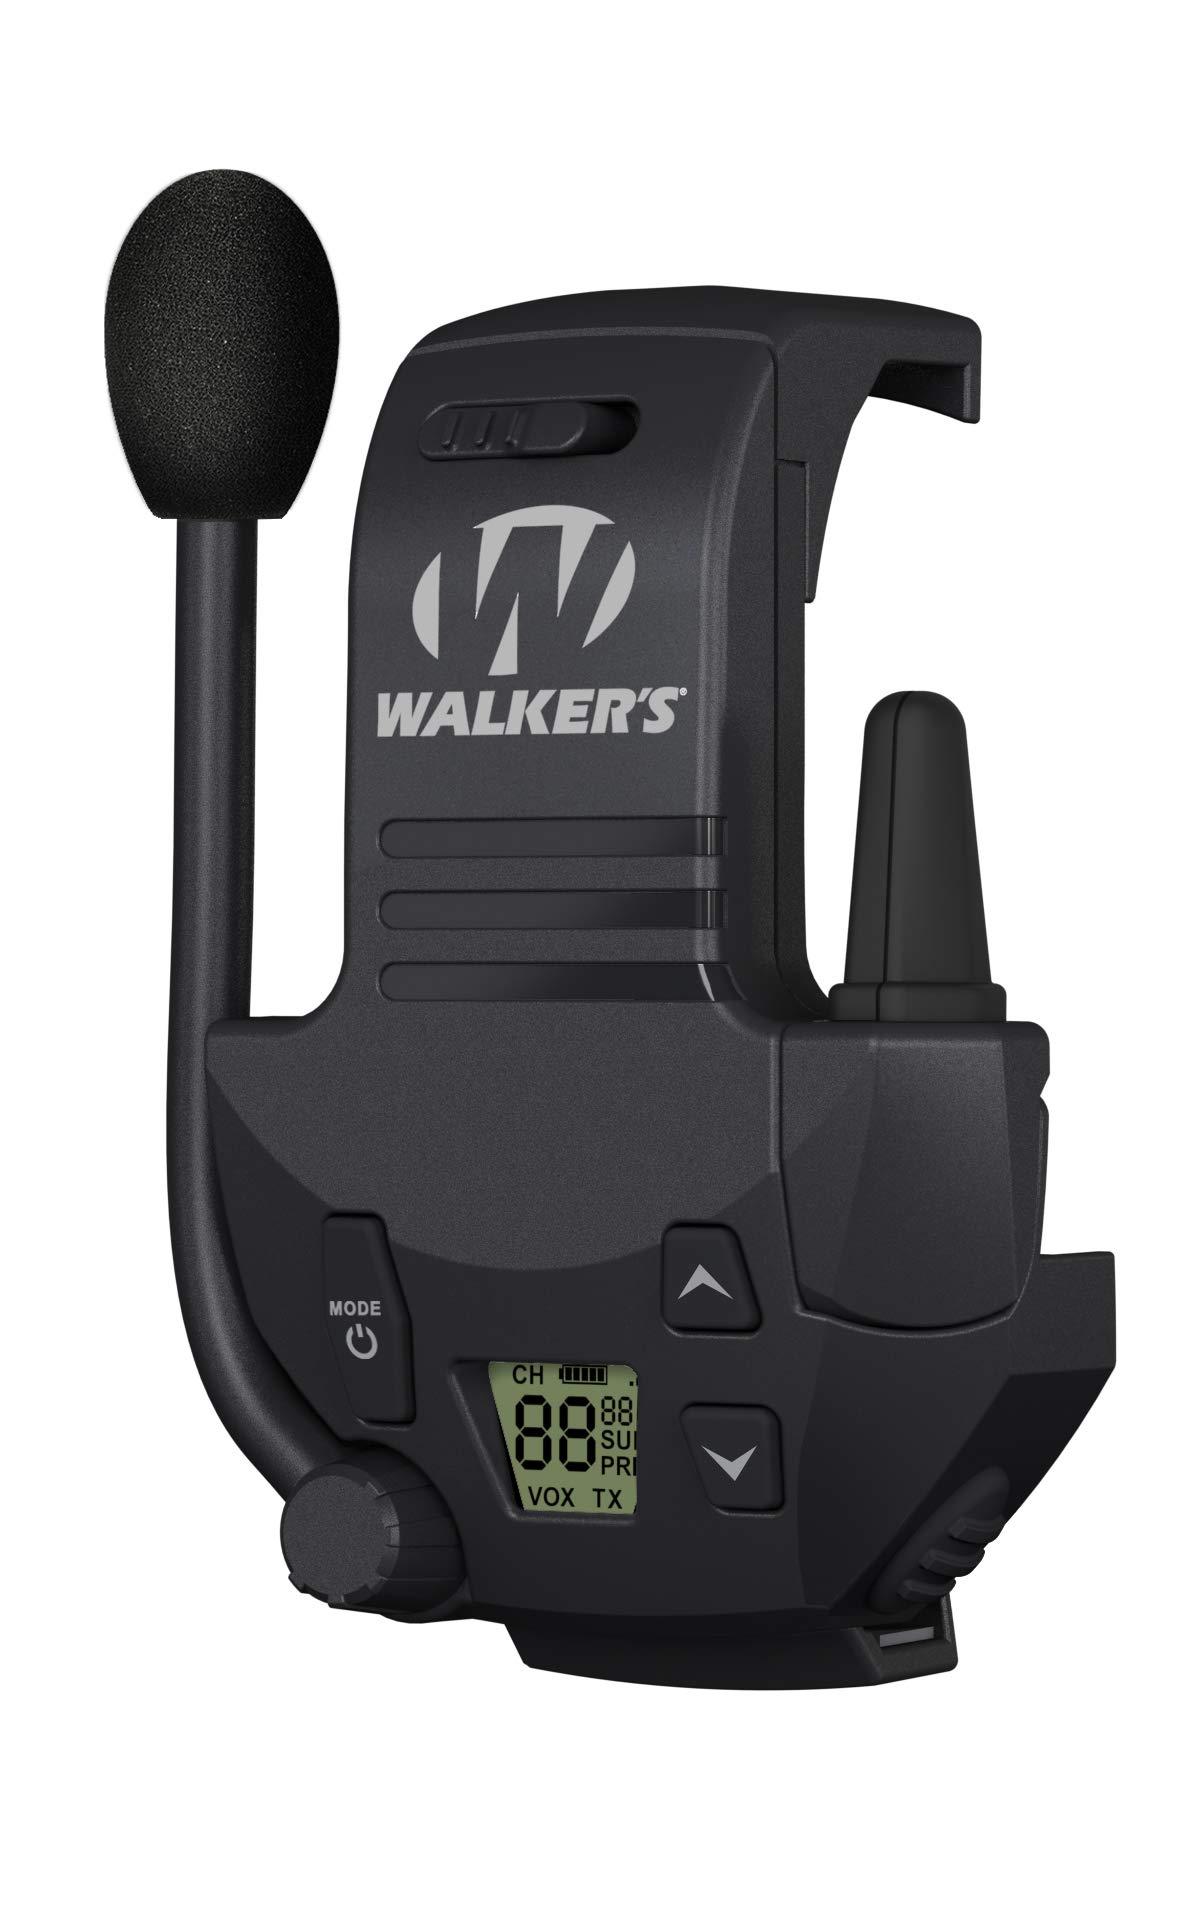 Walker's Razor Walkie Talkie Handsfree Communication up to 3 Miles by Walker's Game Ear